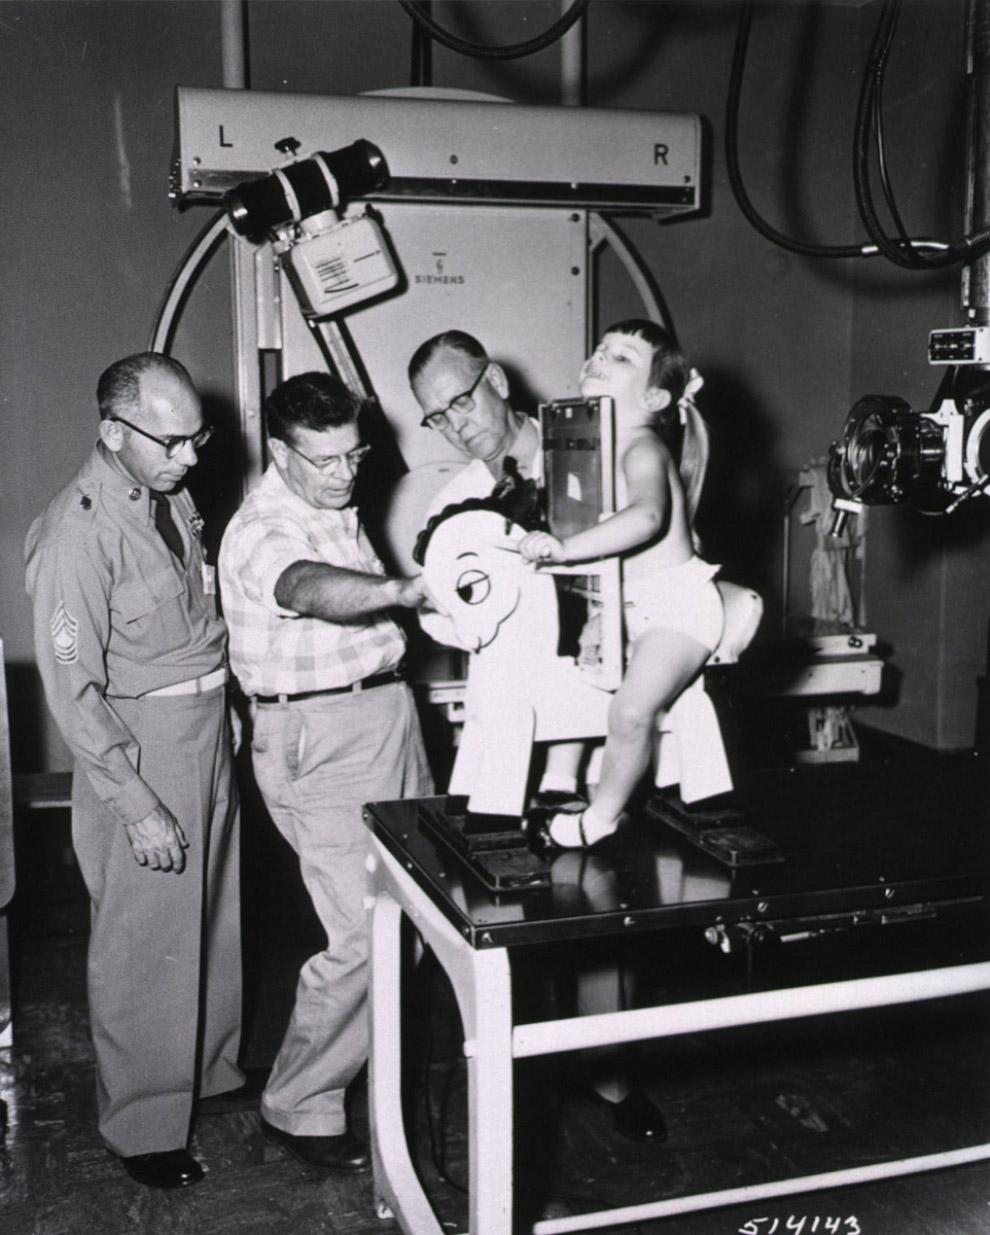 8. Еще одна фотография пластикового человечка, который использовался при измерении воздействия